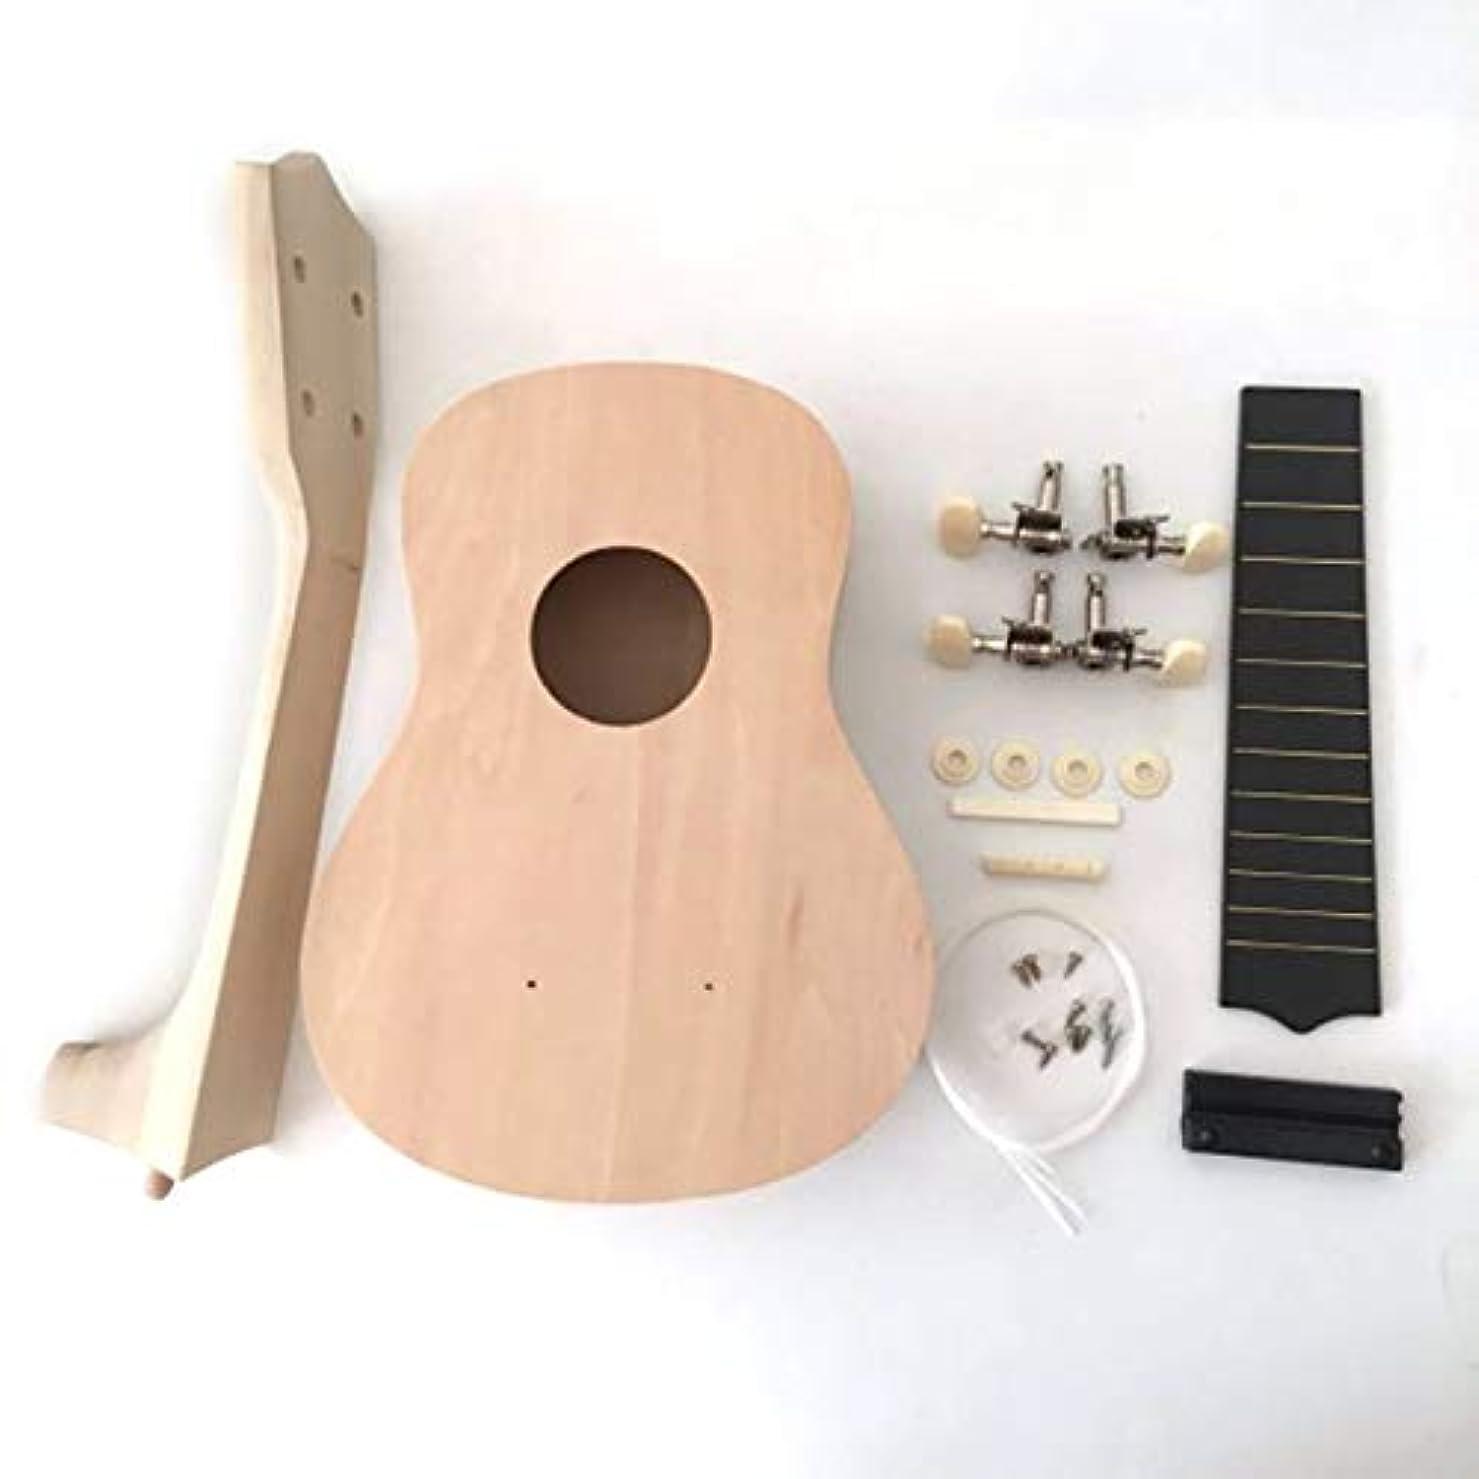 エクステントアフリカ評論家QinKingstore ポータブルサイズ21インチウクレレDIYキットハワイギター手仕事絵画木製音楽おもちゃ楽器おもちゃ子供のため